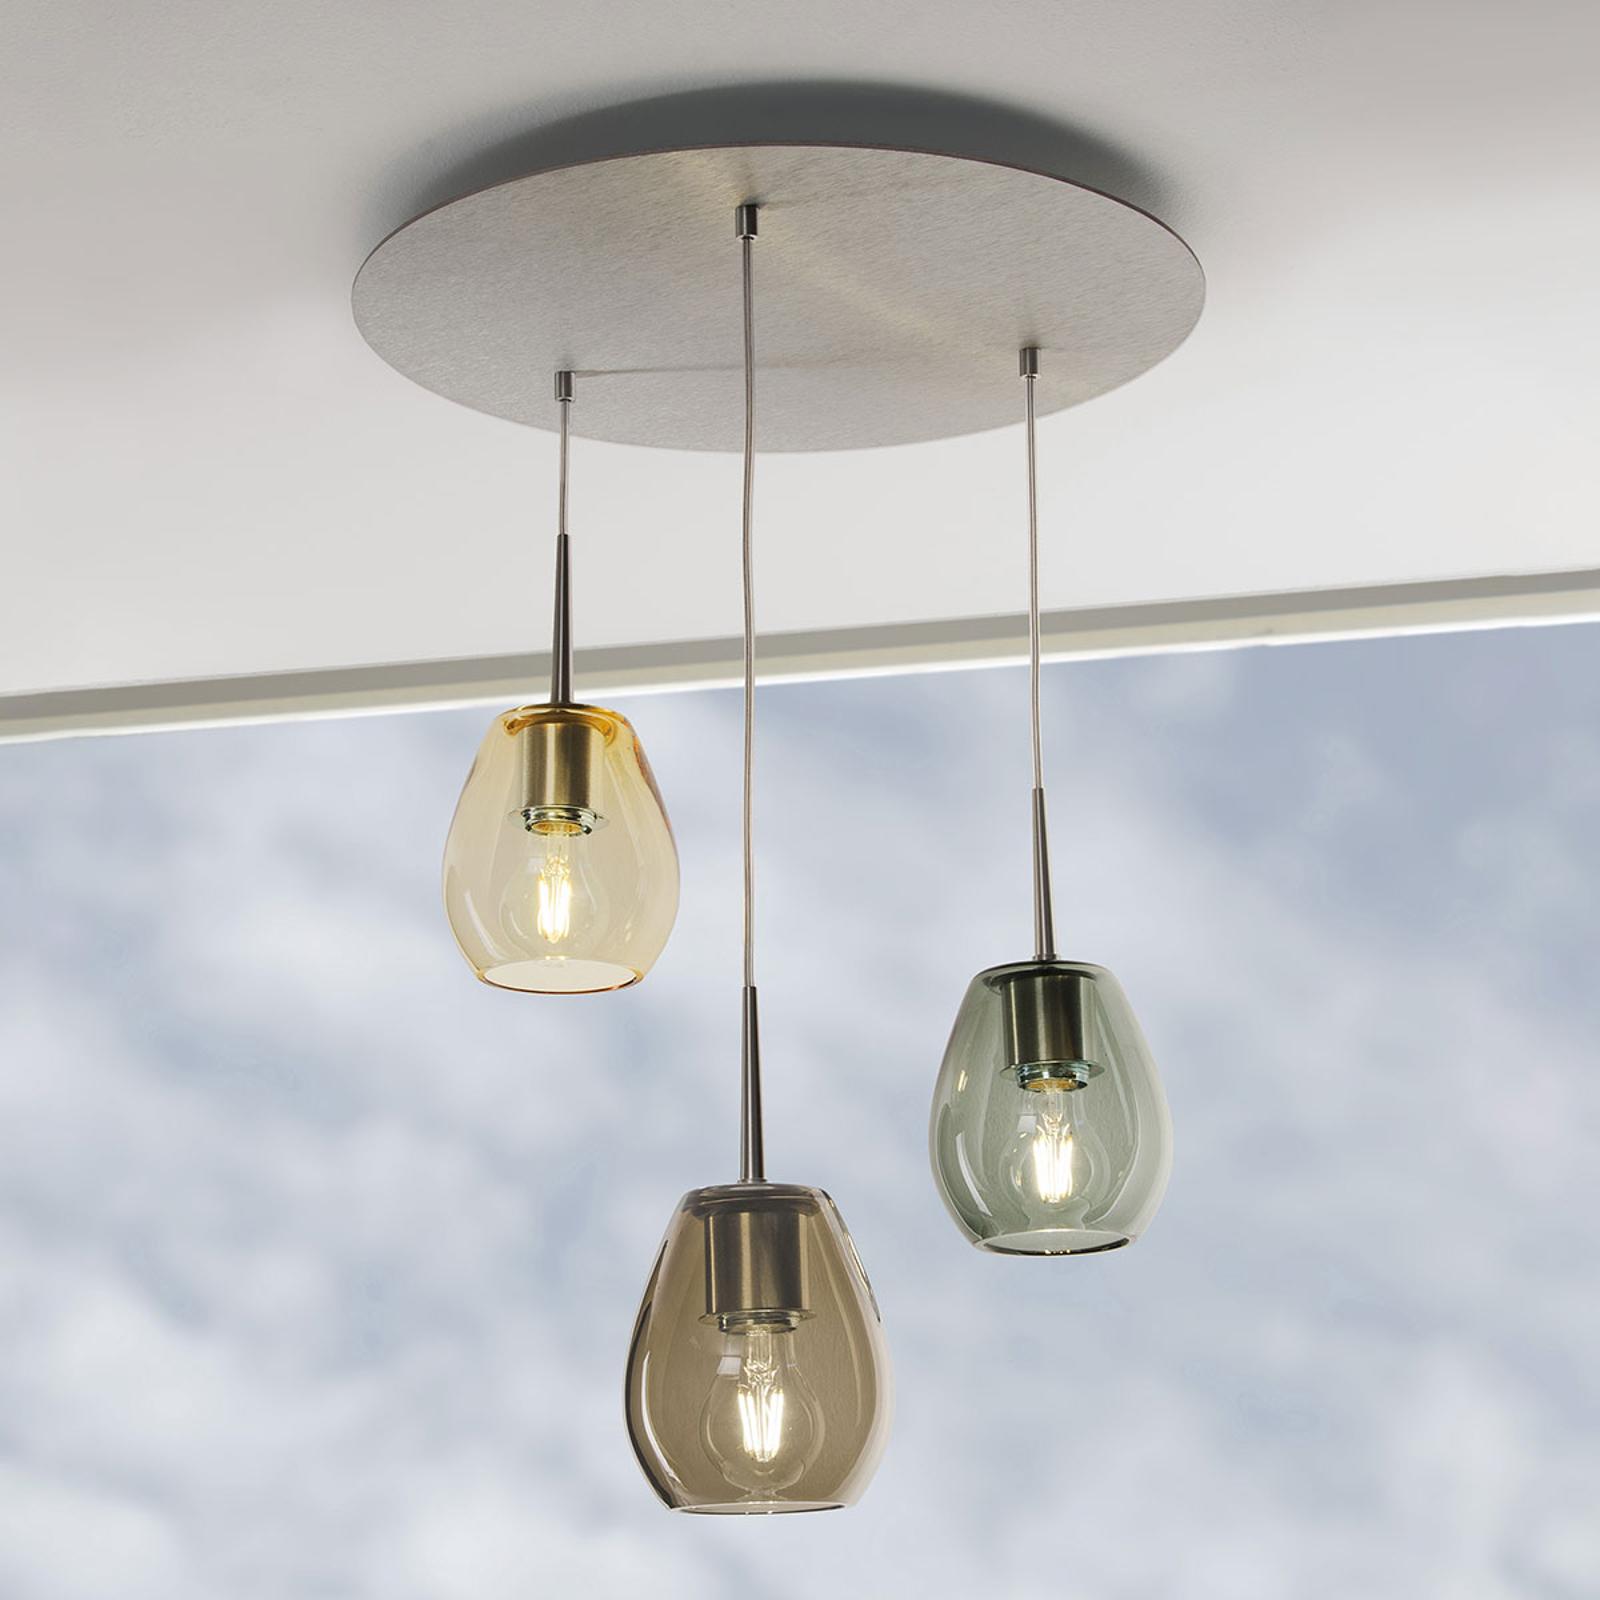 Casablanca Bagan Evolution hanglamp, mix